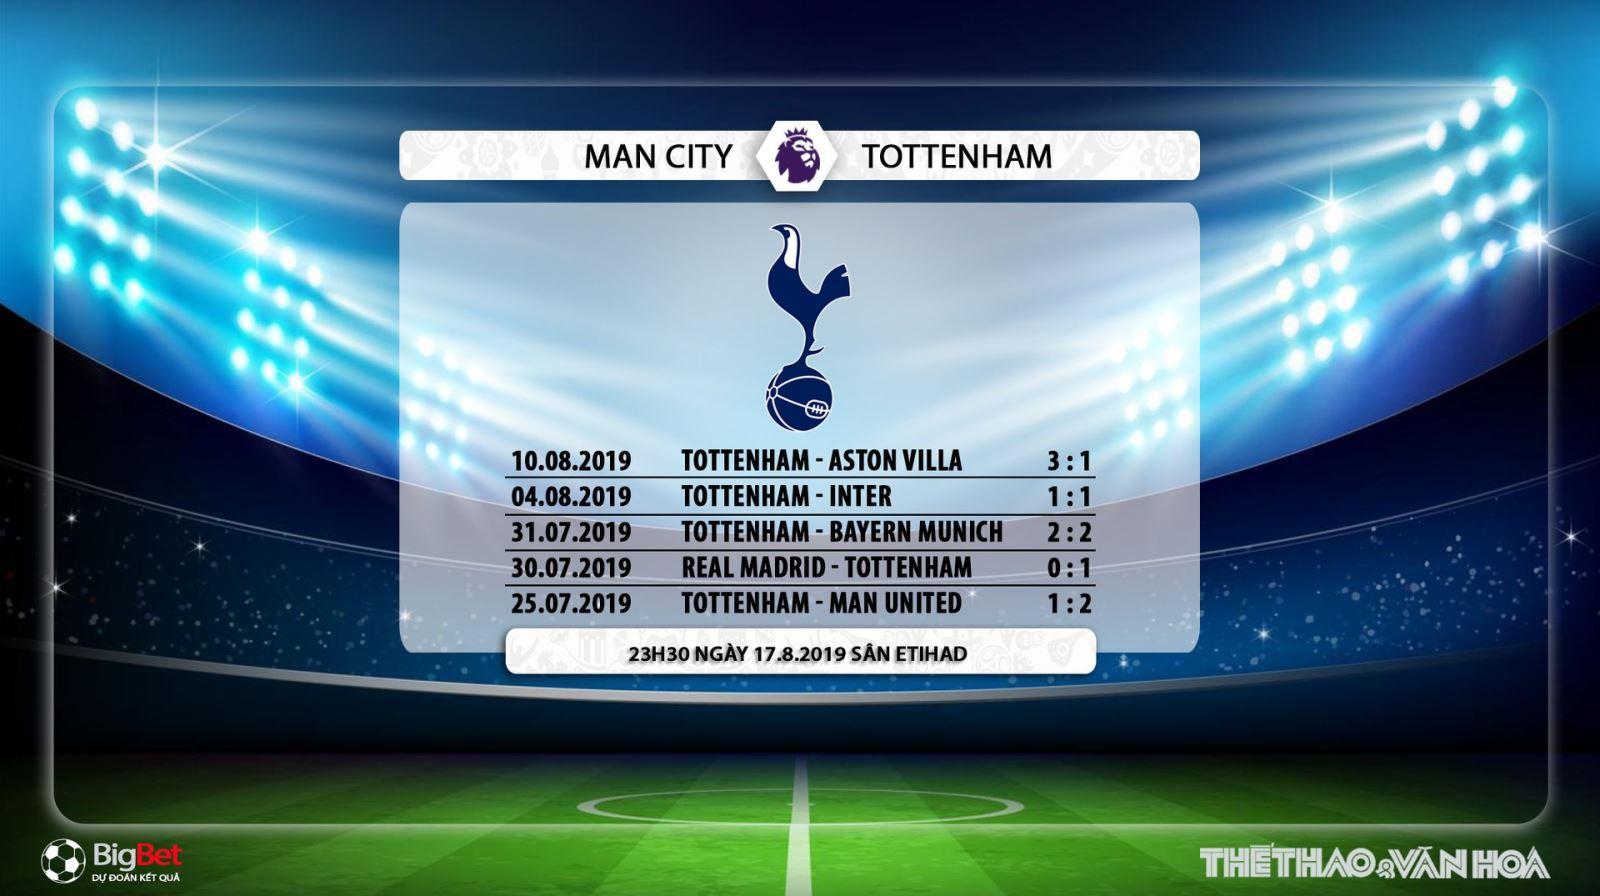 Trực tiếp bóng đá, Soi kèo Man City vs Tottenham, Man City vs Tottenham, Tottenham vs Man City, Man City đấu với Tottenham, bóng đá trực tuyến, Kèo Man City, Kèo Tottenham